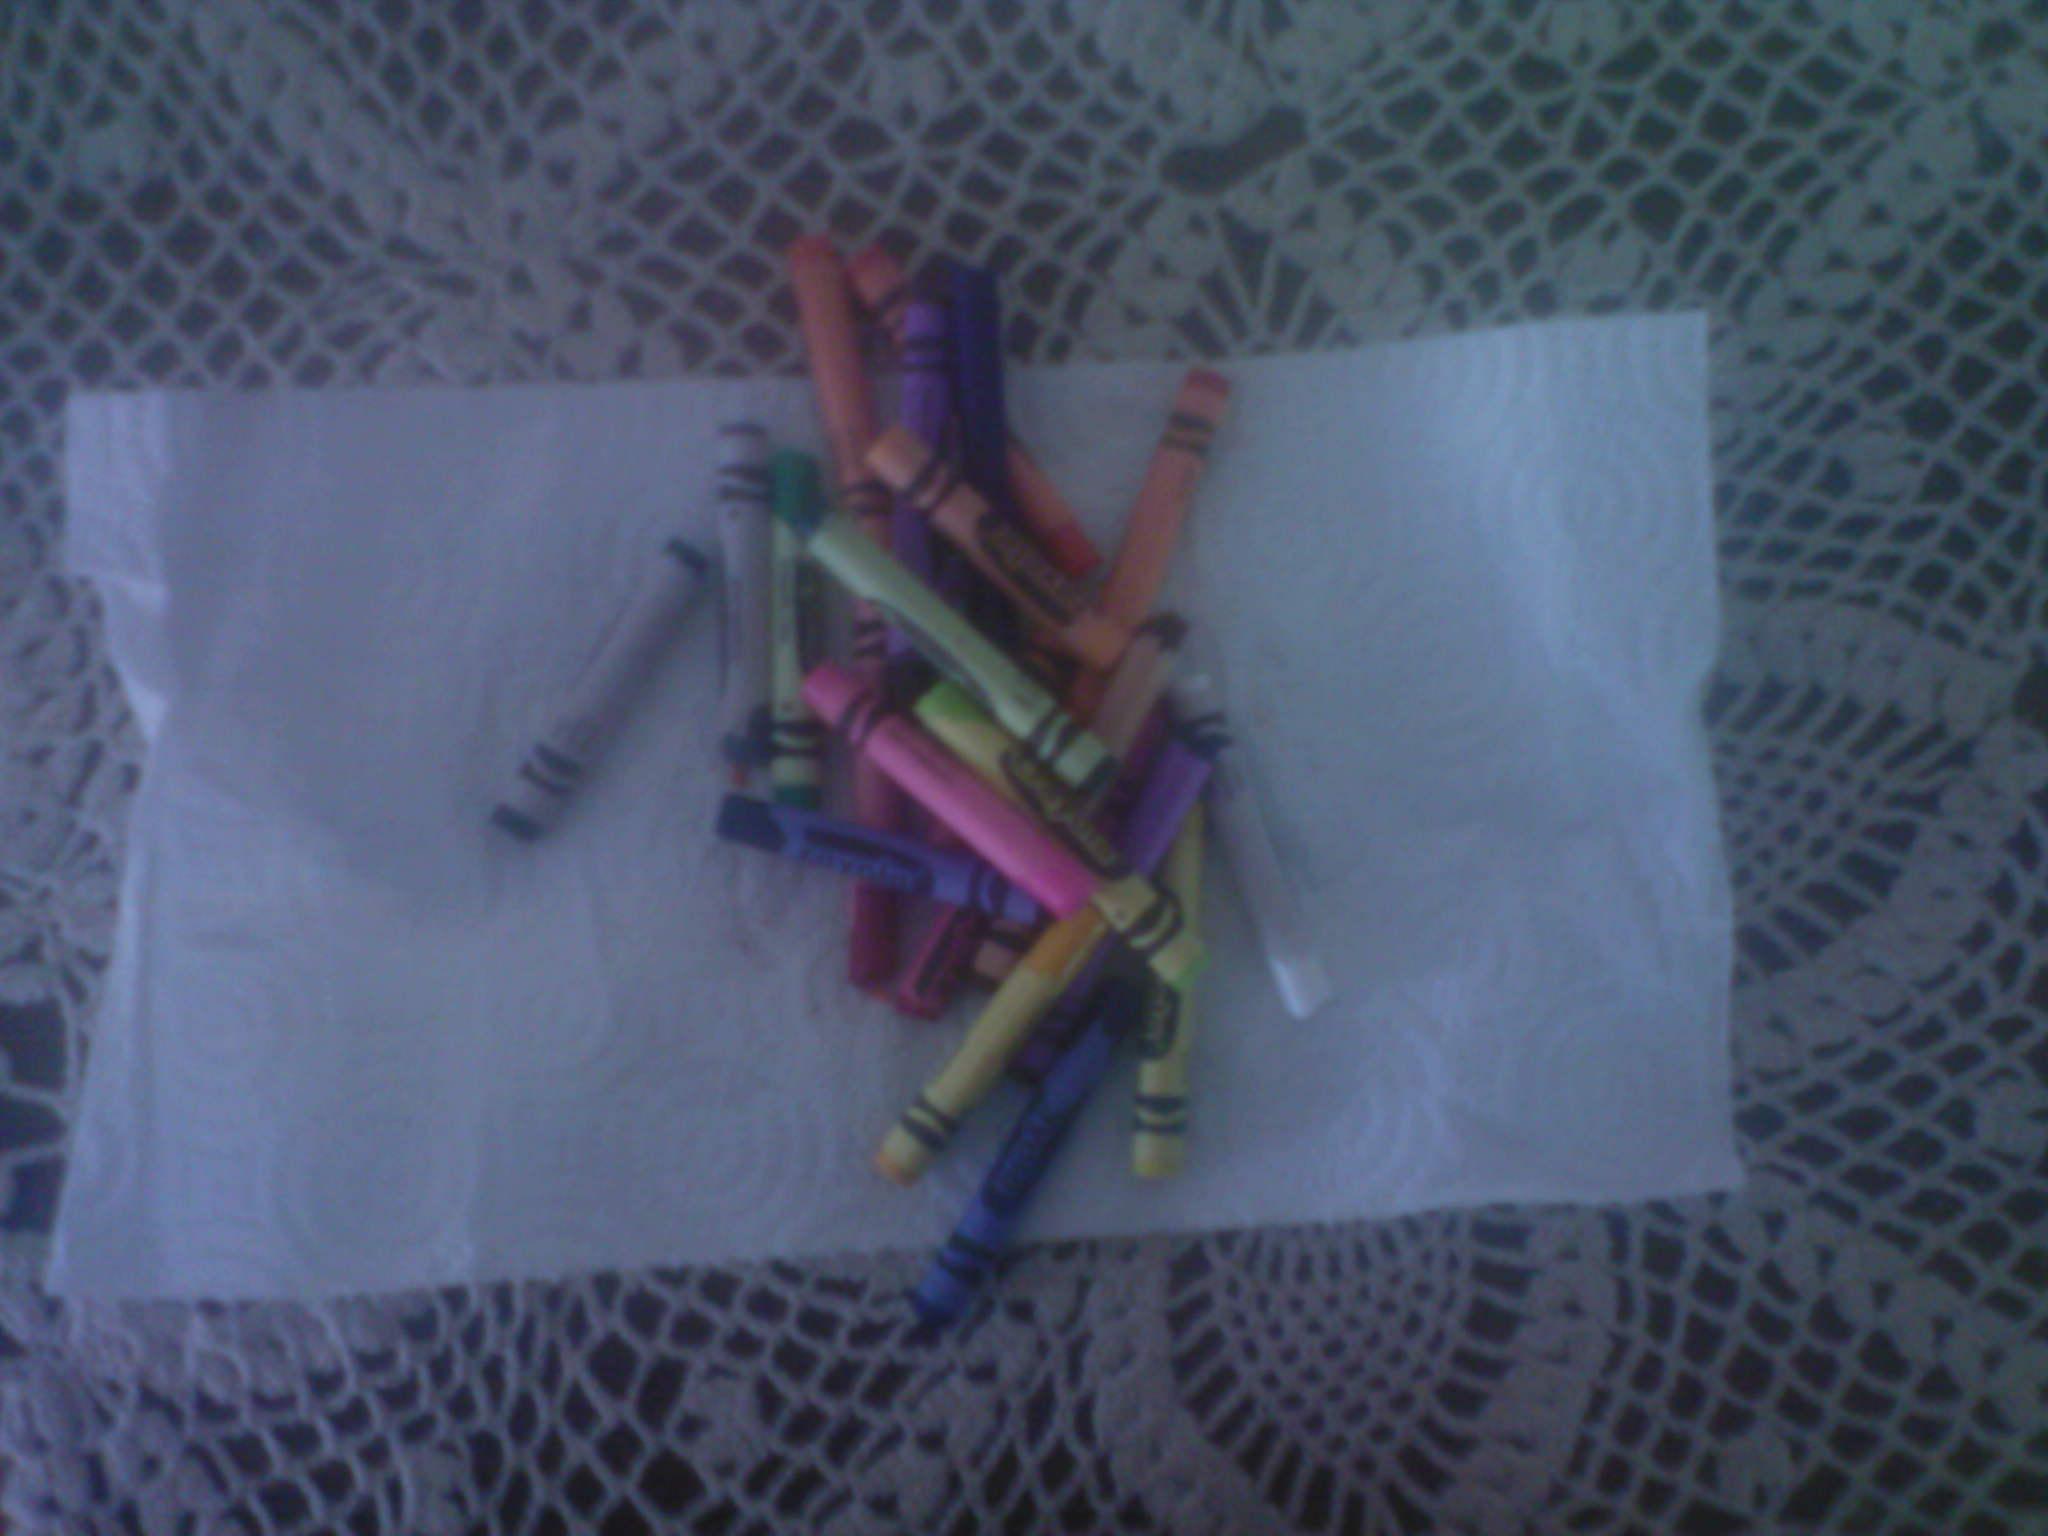 Make Multicolor Crayons